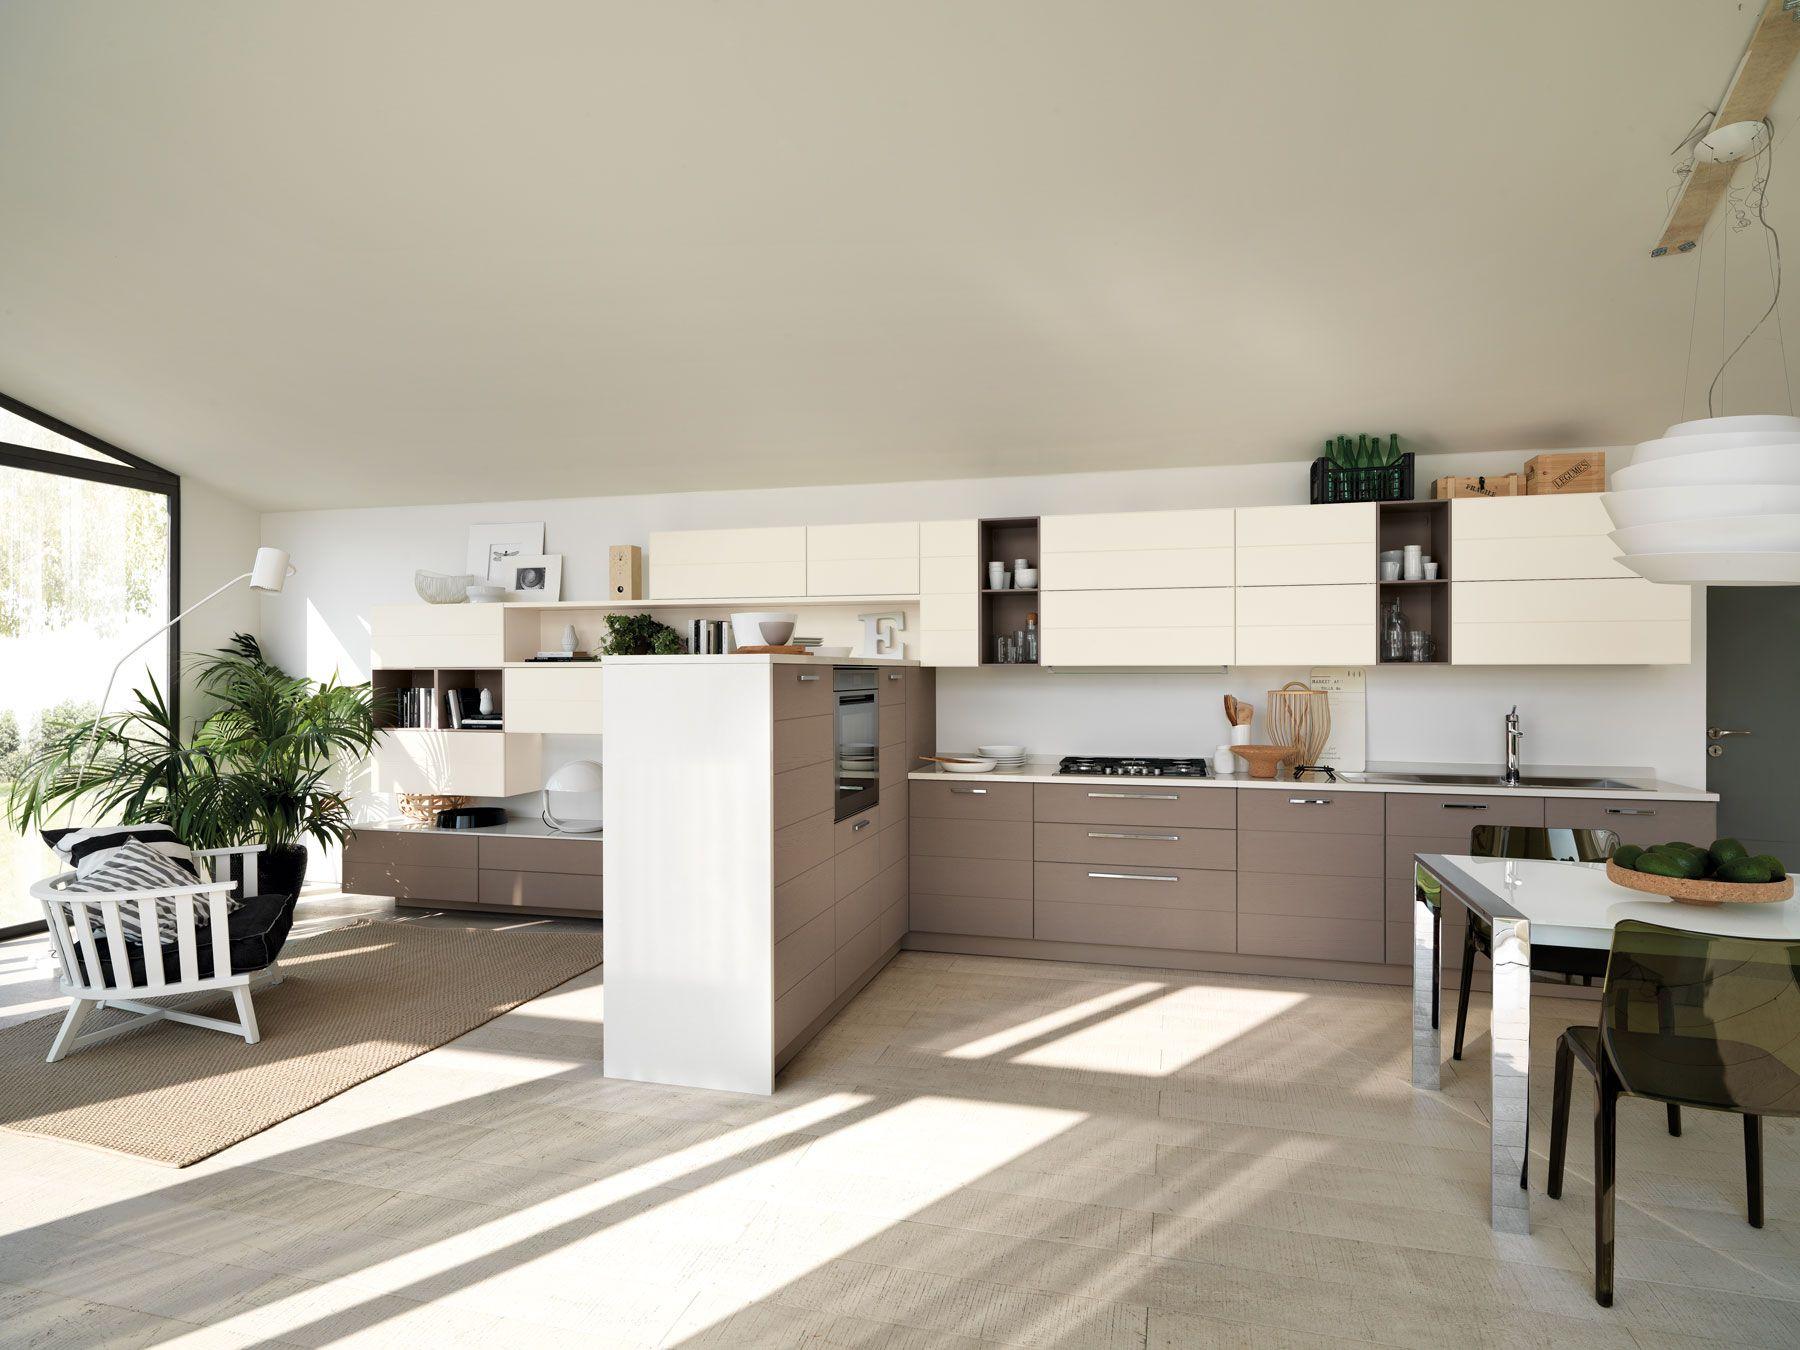 beautiful salone e cucina unico ambiente contemporary - home ... - Cucina E Soggiorno Unico Ambiente Piccolo